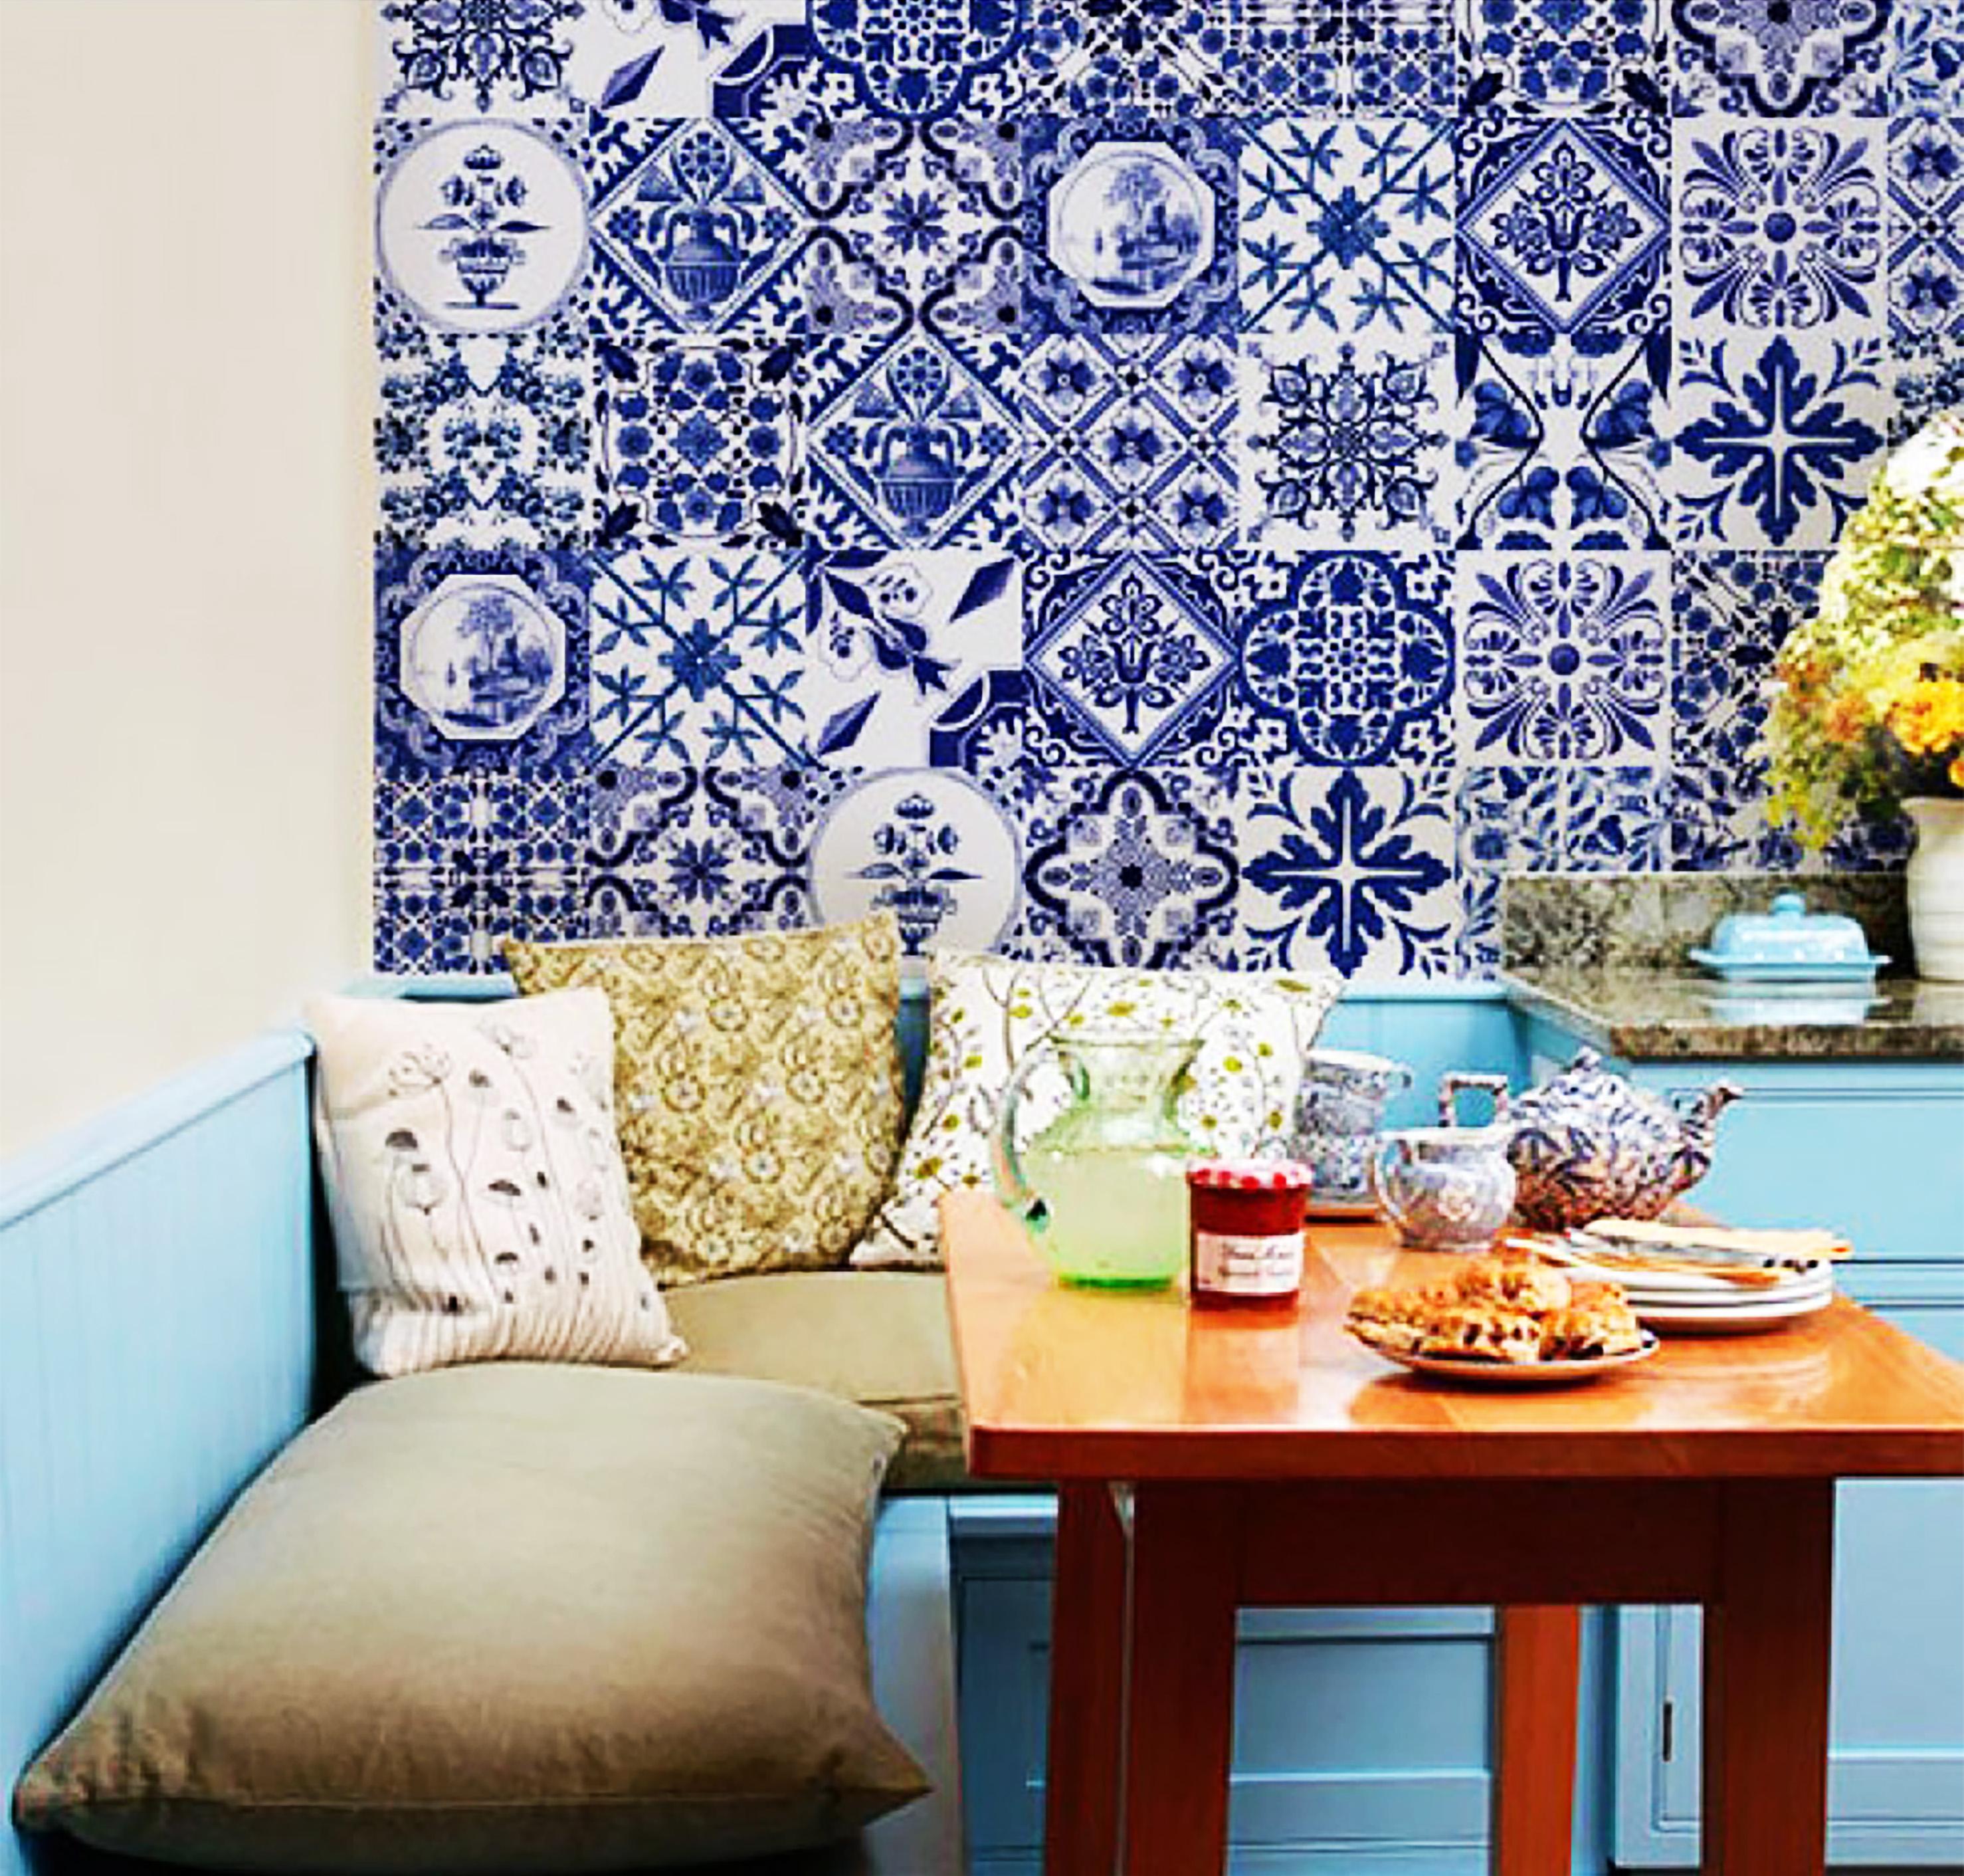 Produit portugais azulejos portugais - Azulejos de pared ...